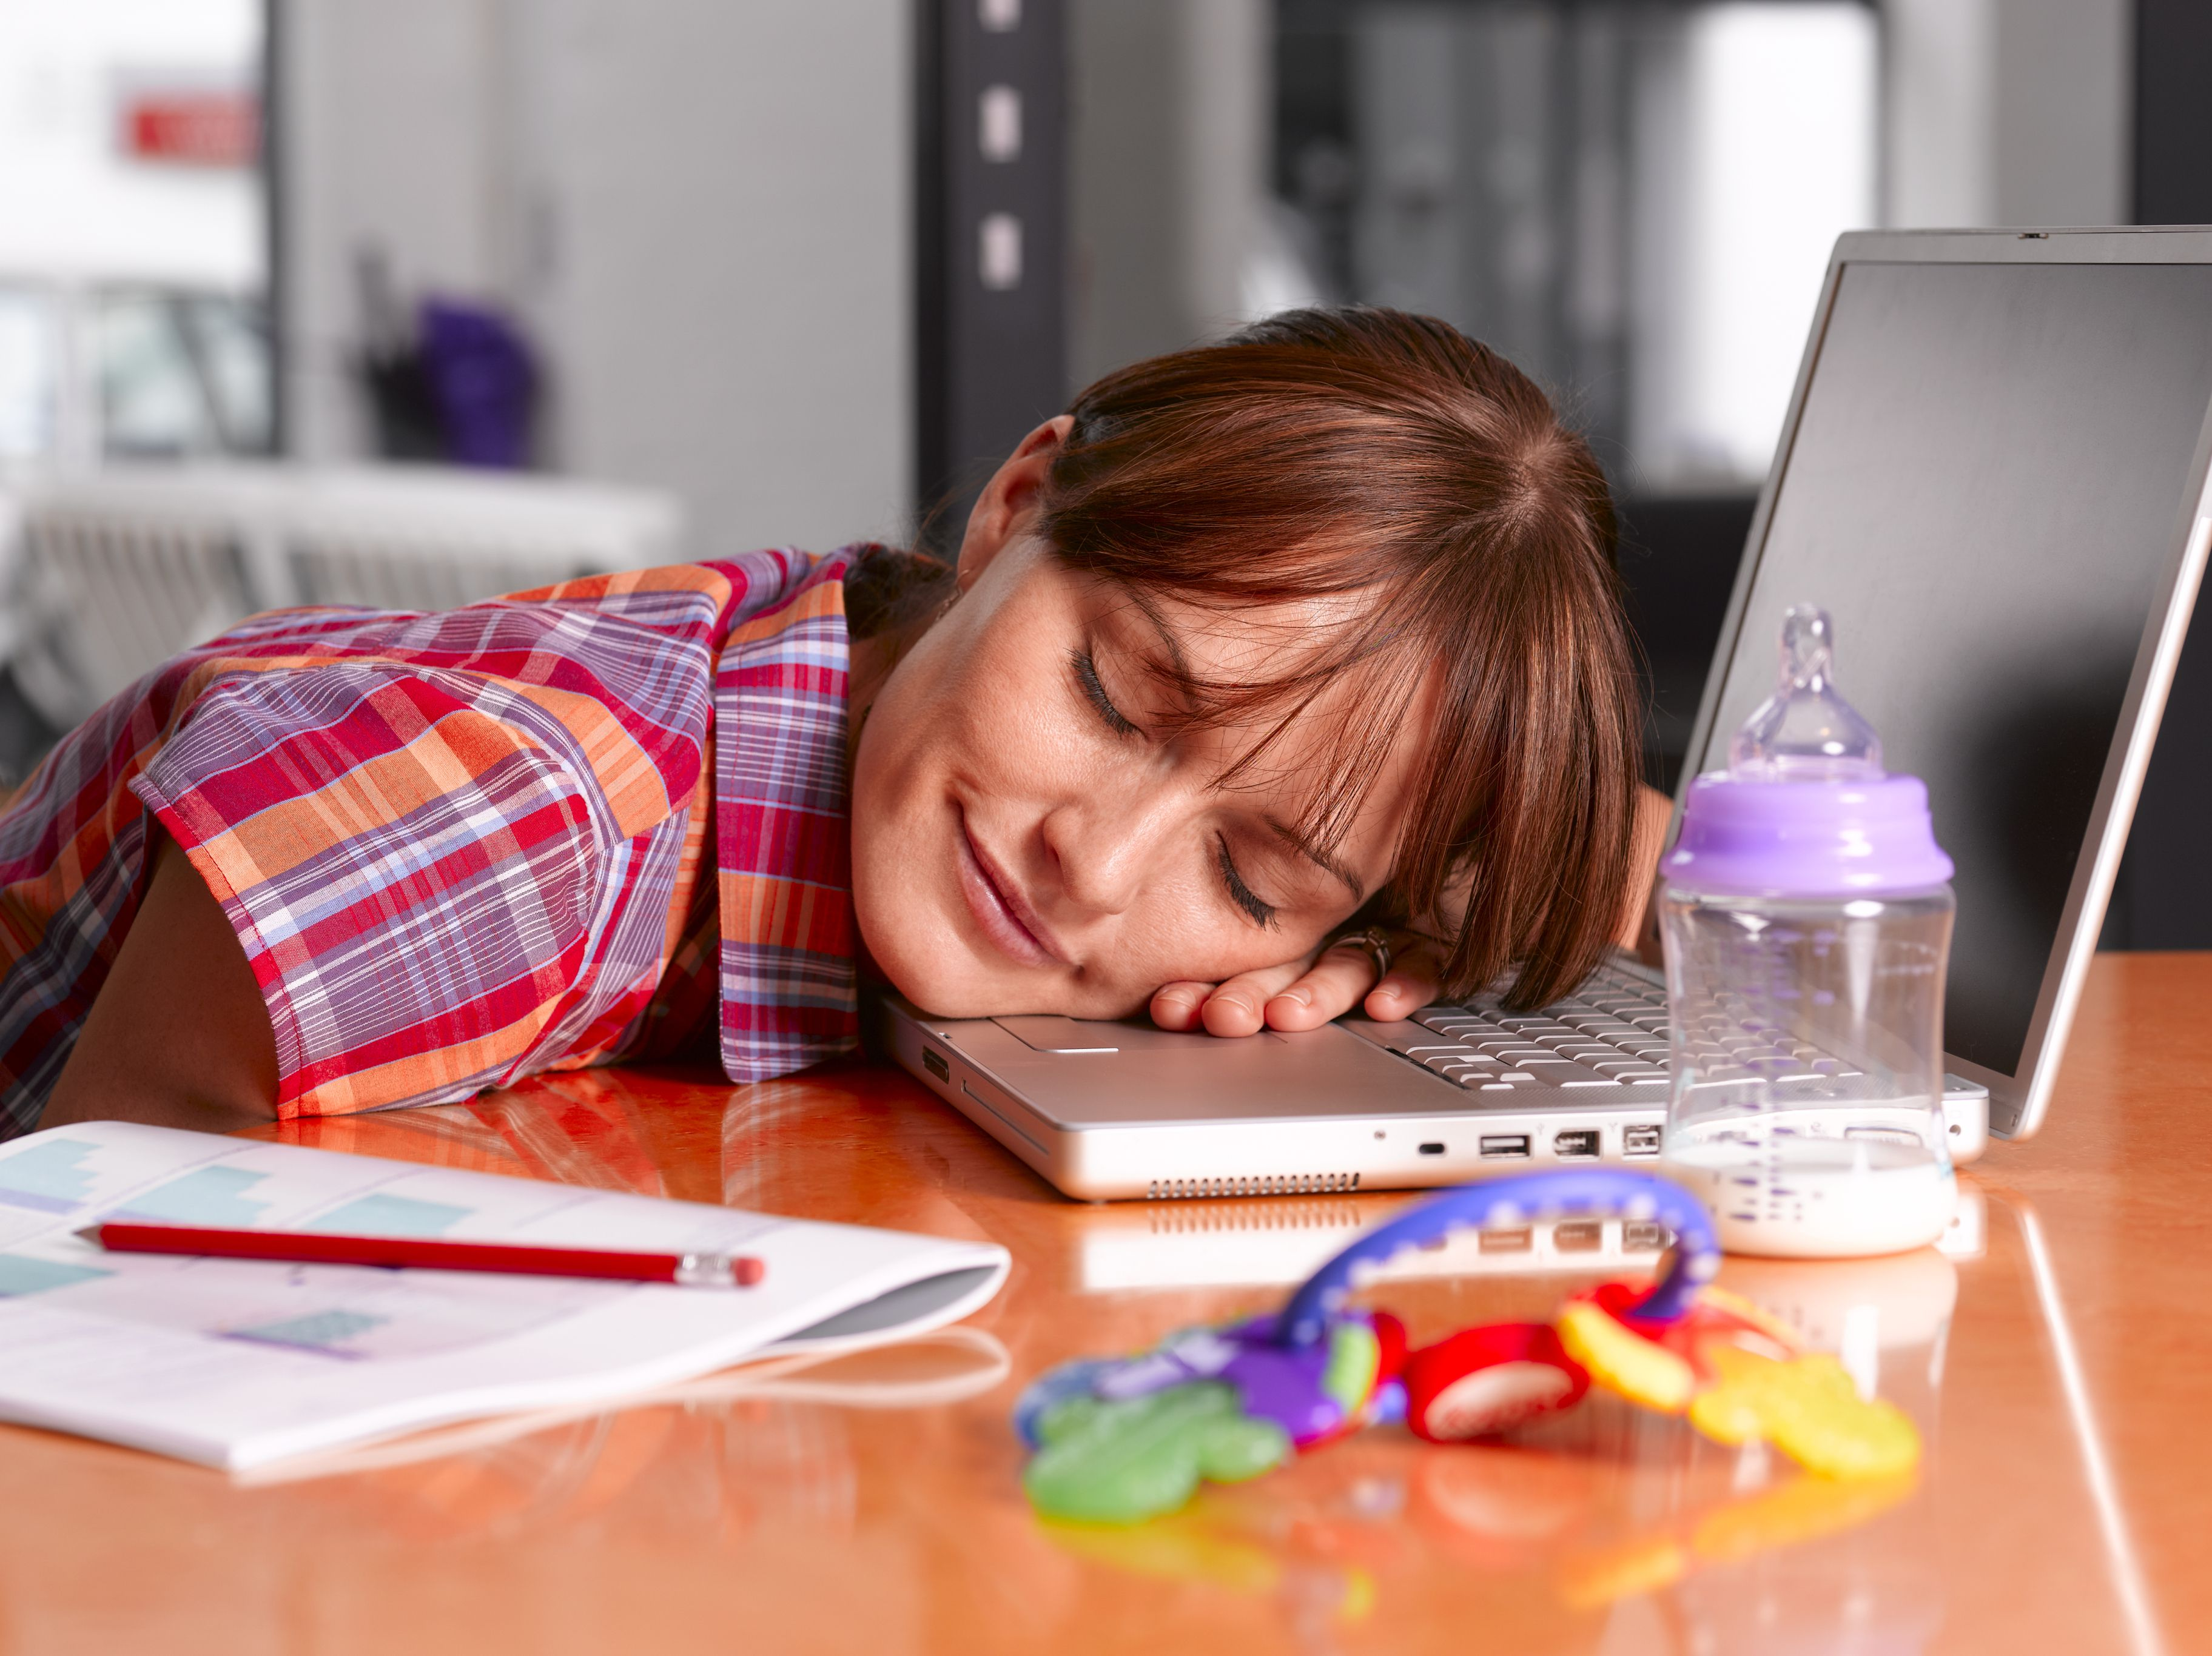 у жены хроническая усталость и раздражительность